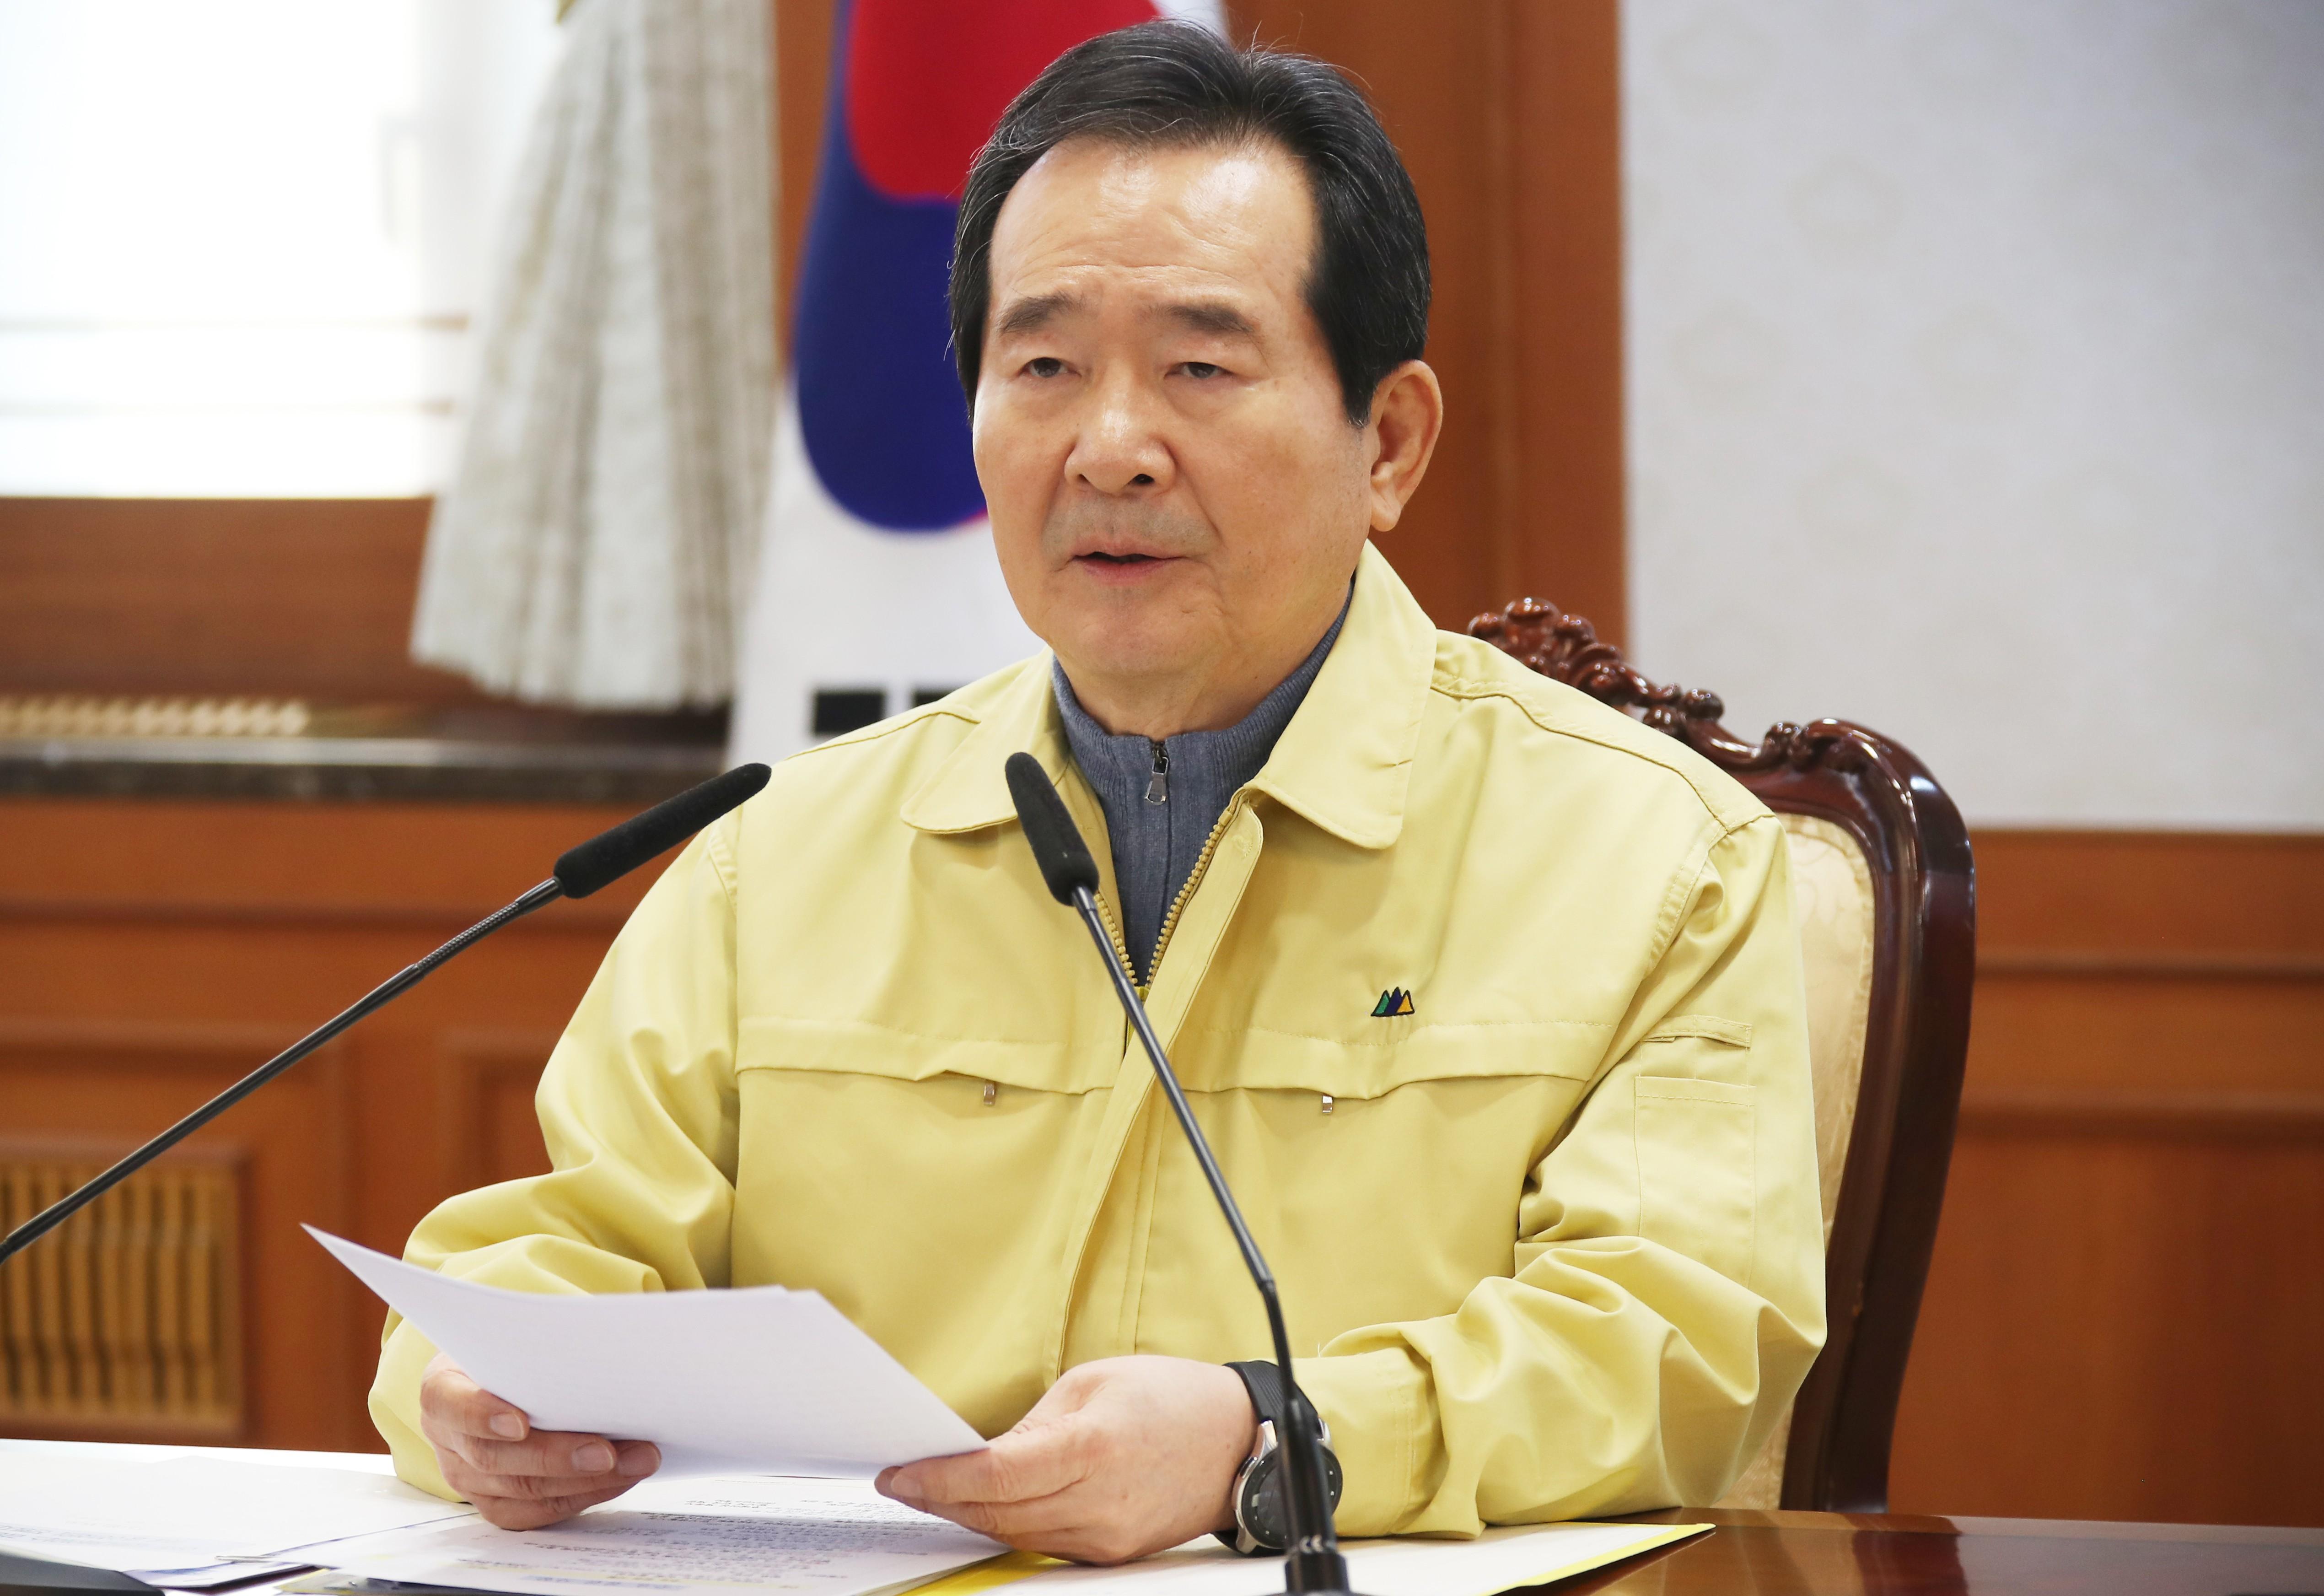 '신종 코로나' 대응회의 주재하는 정세균 국무총리